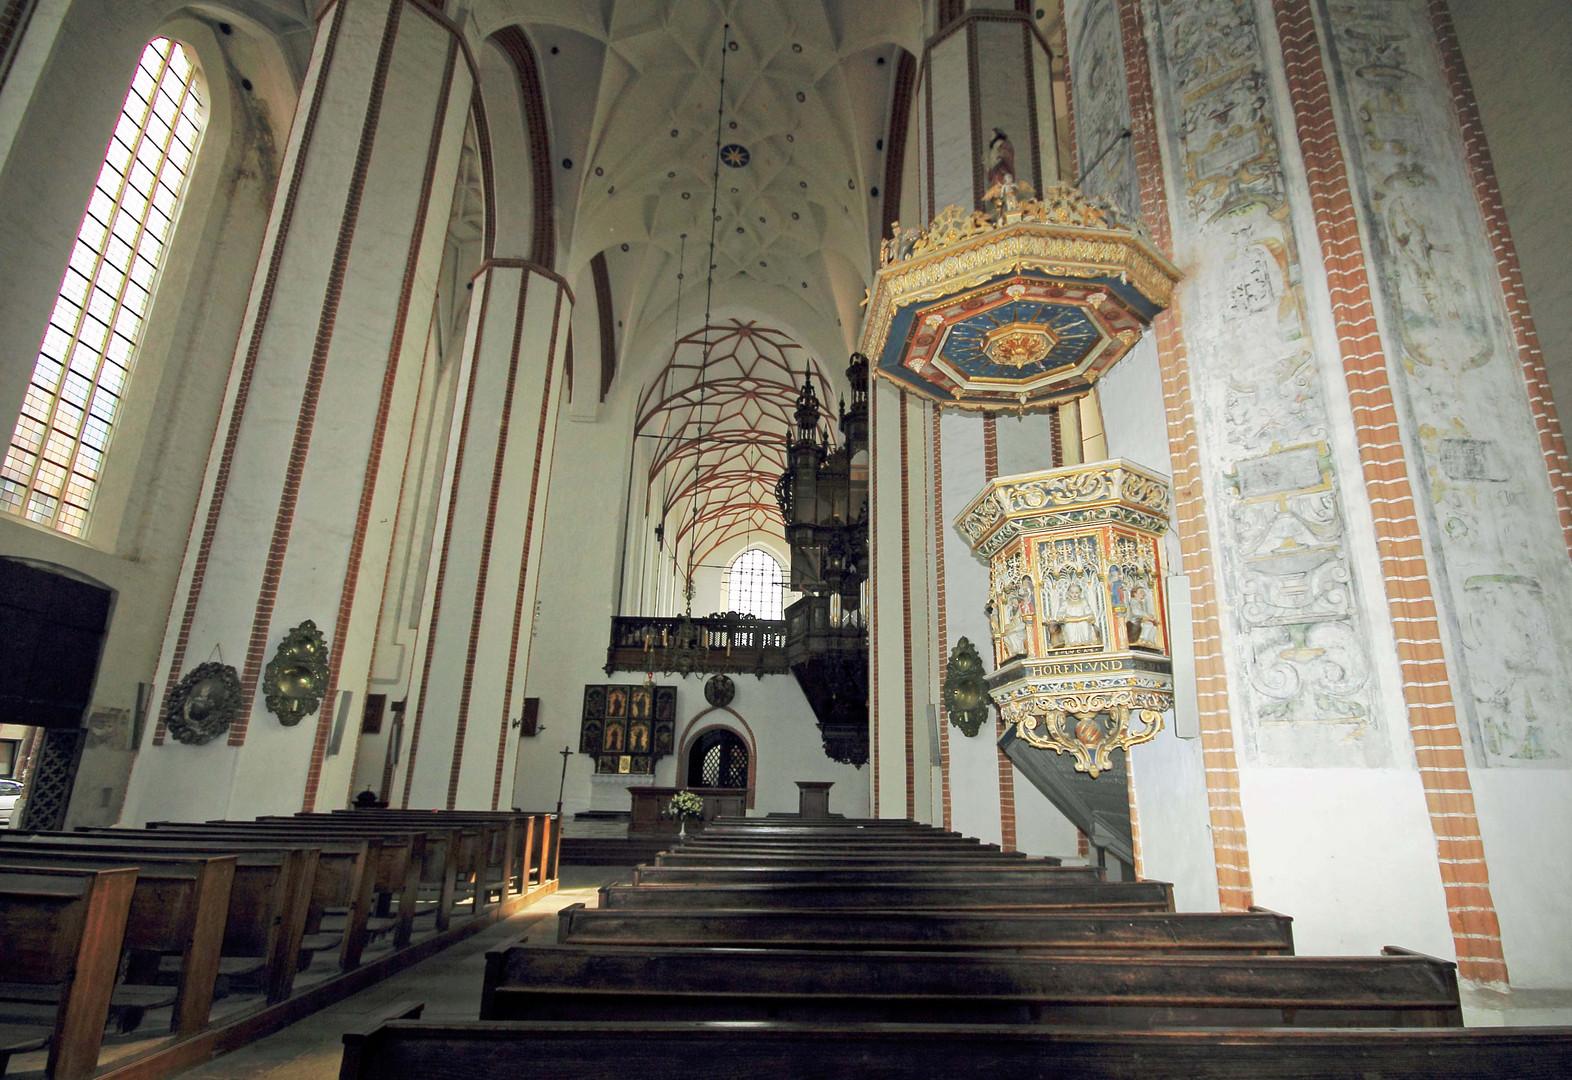 Die Kirche Trinitatis in Danzig - Gdansk